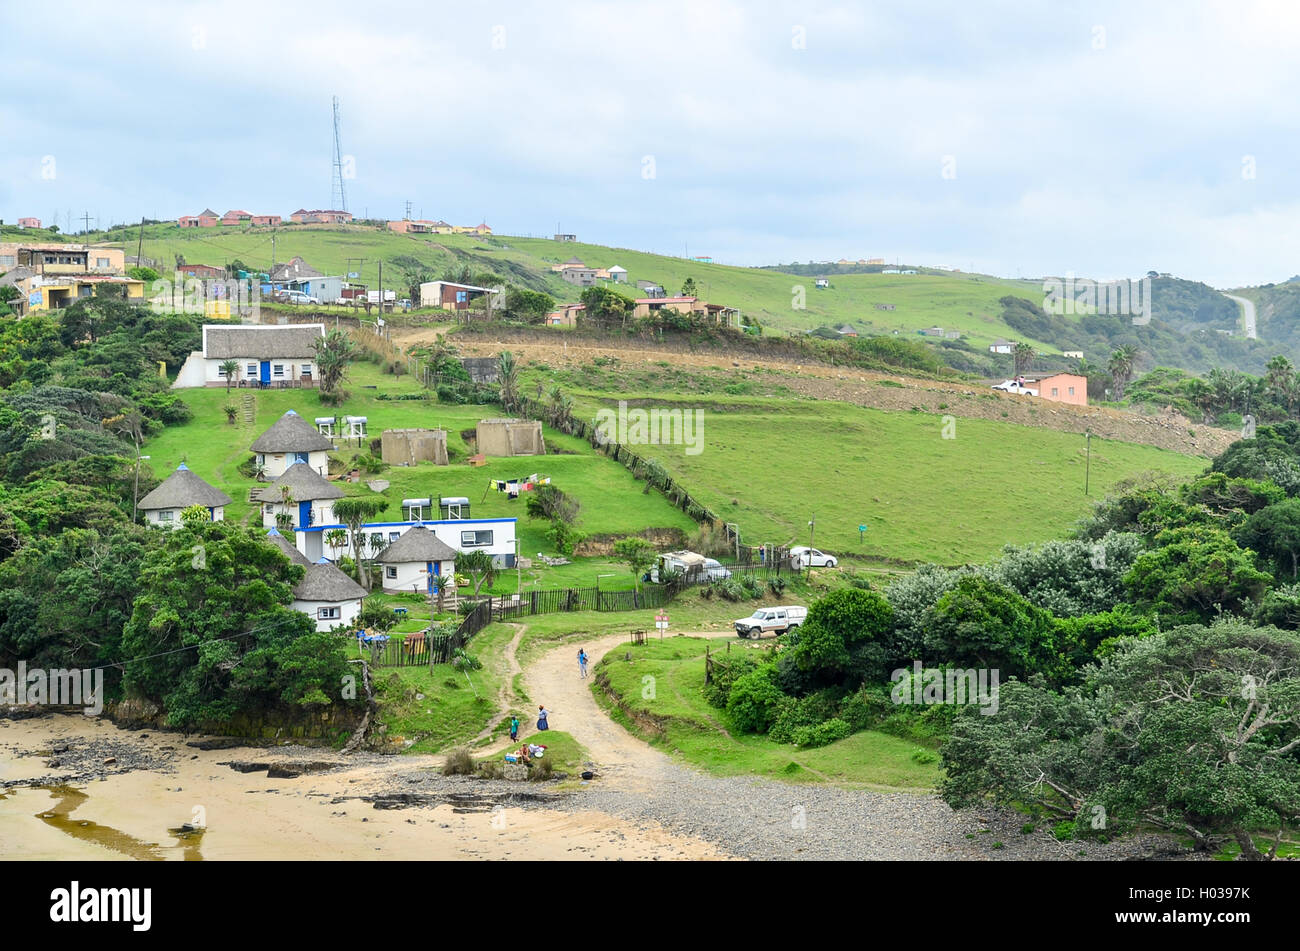 Landschaft der Provinz Eastern Cape in der Nähe von Coffee Bay, Südafrika Stockbild